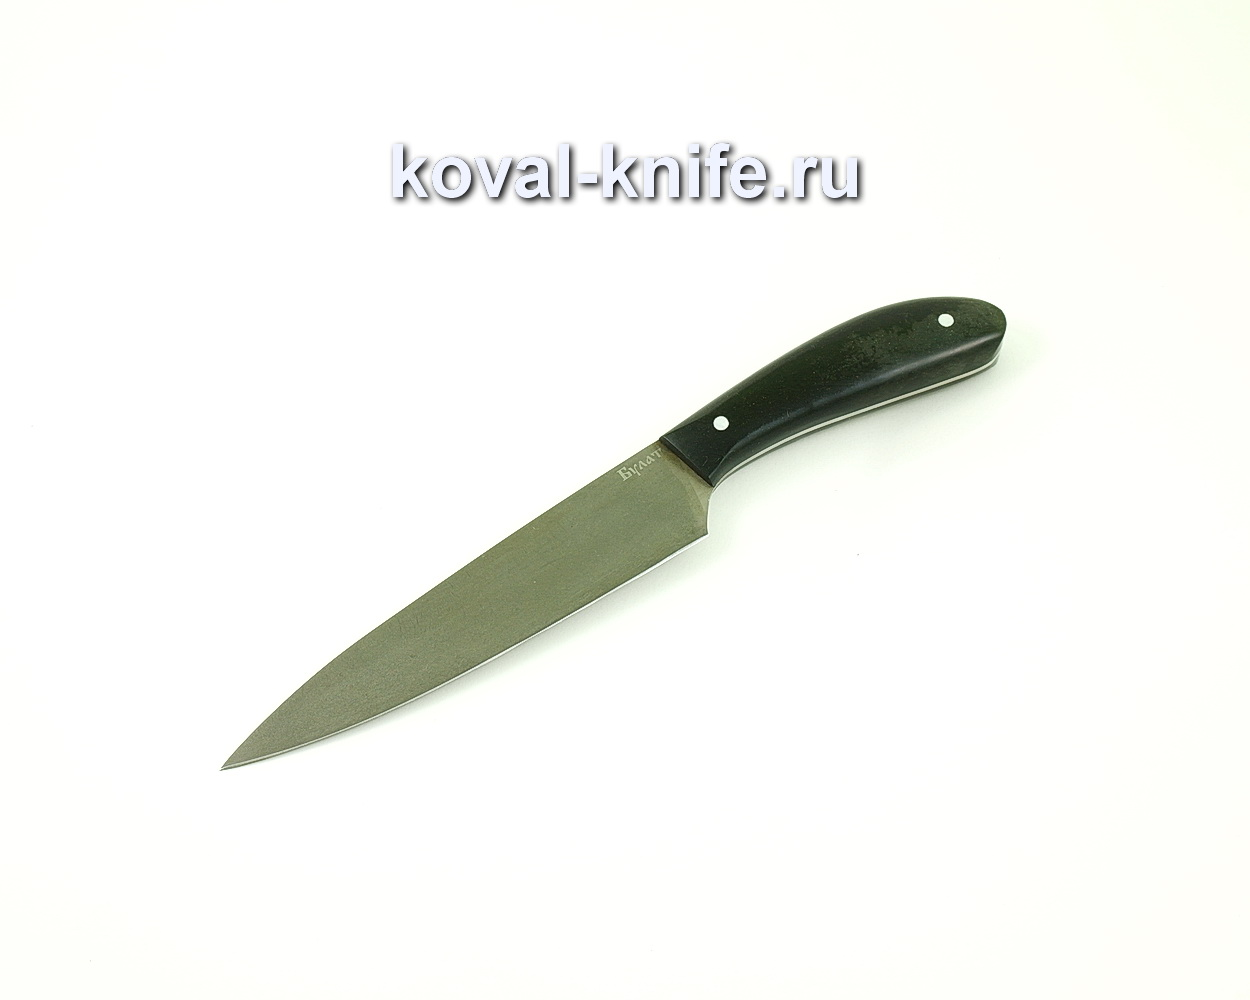 Нож из булатной стали Кухонный средний (Легированный булат, рукоять граб) A453